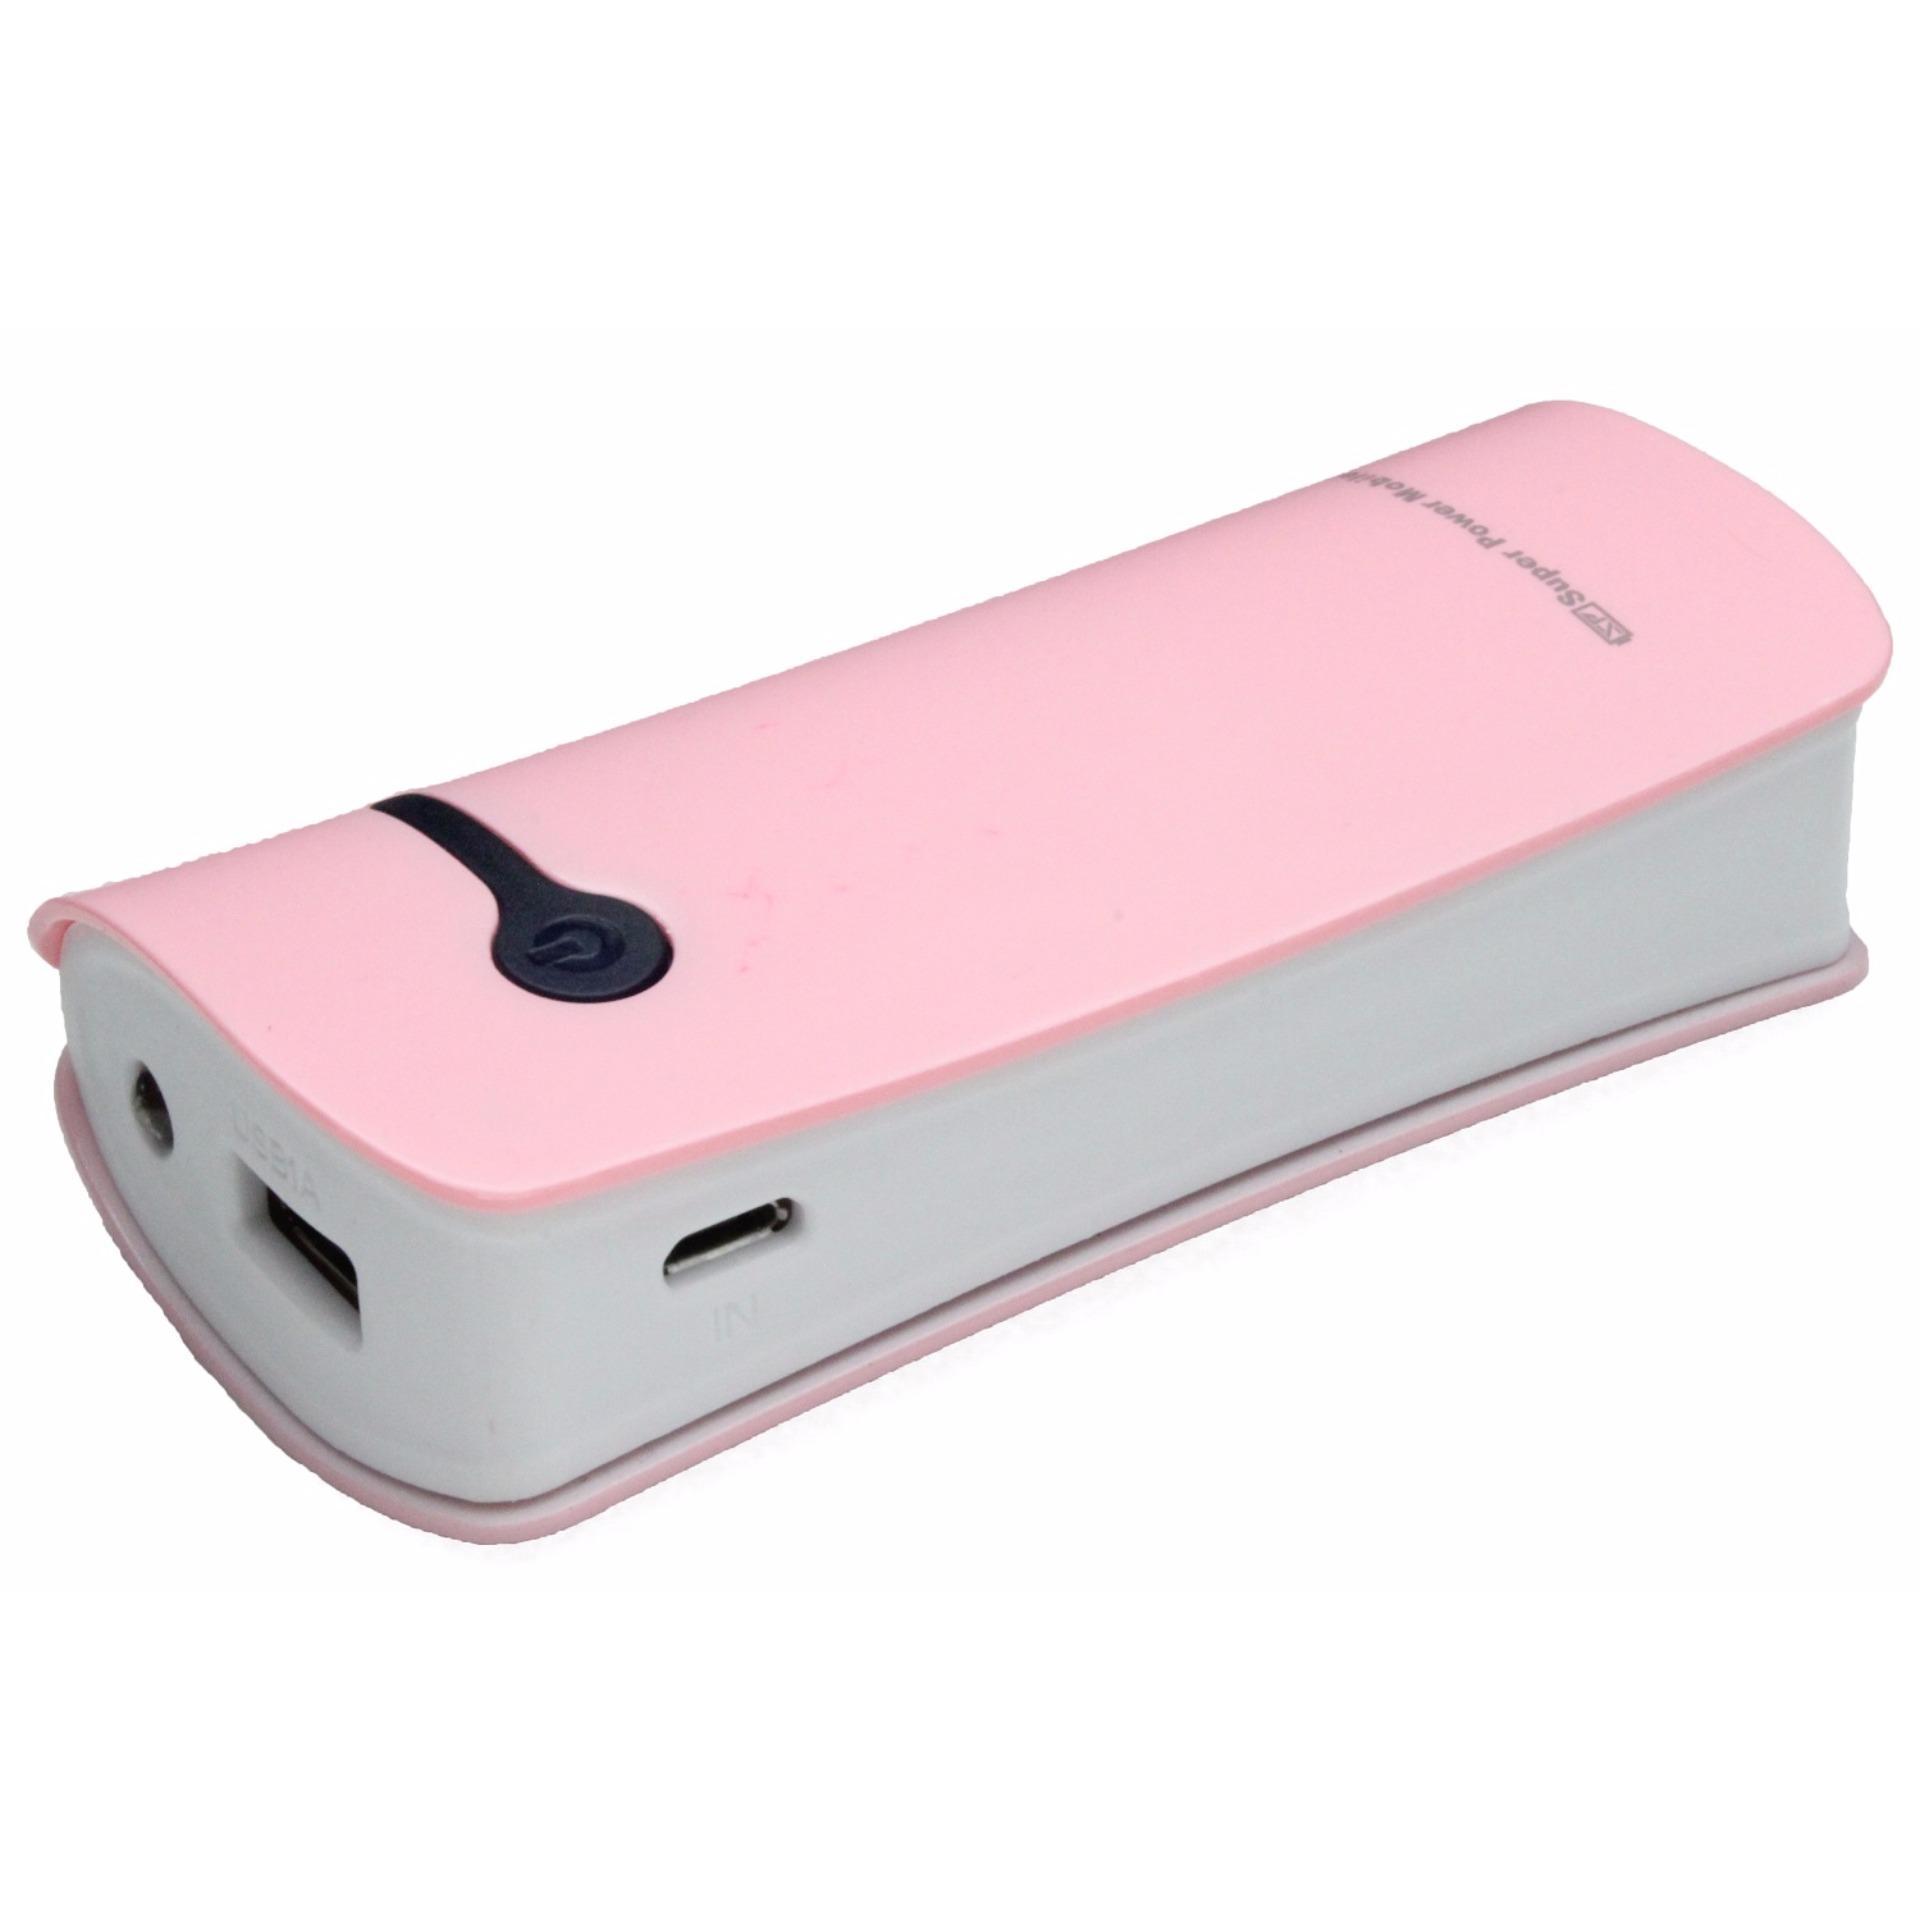 ... Super Power mobile SP506 Powerbank 5600 Mah pink ...